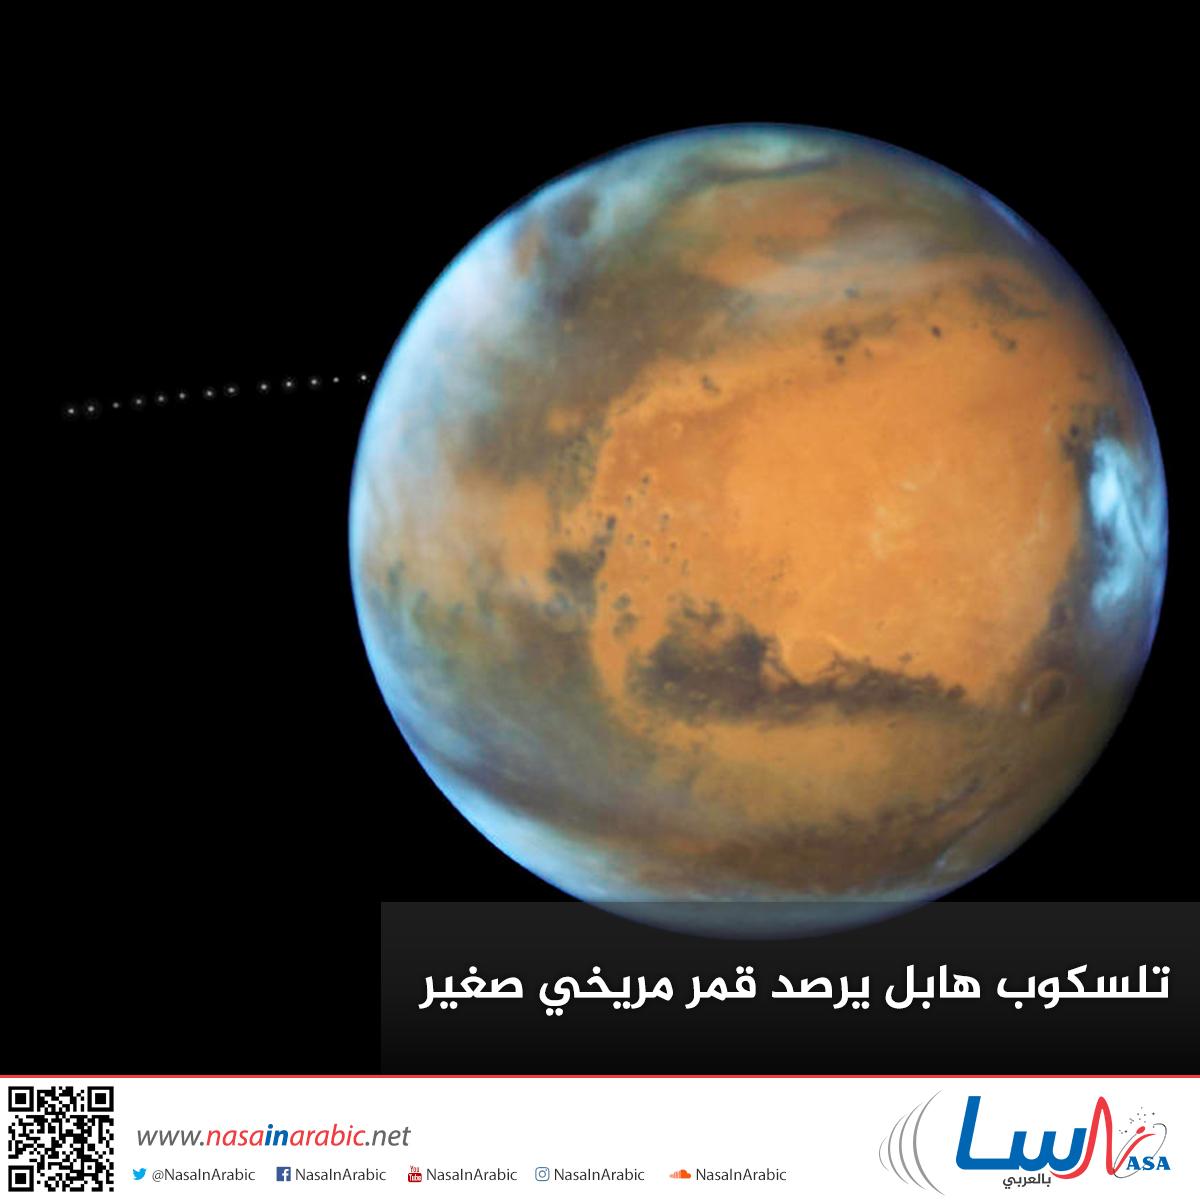 تلسكوب هابل يرصد قمرًا مريخيًا صغيرًا